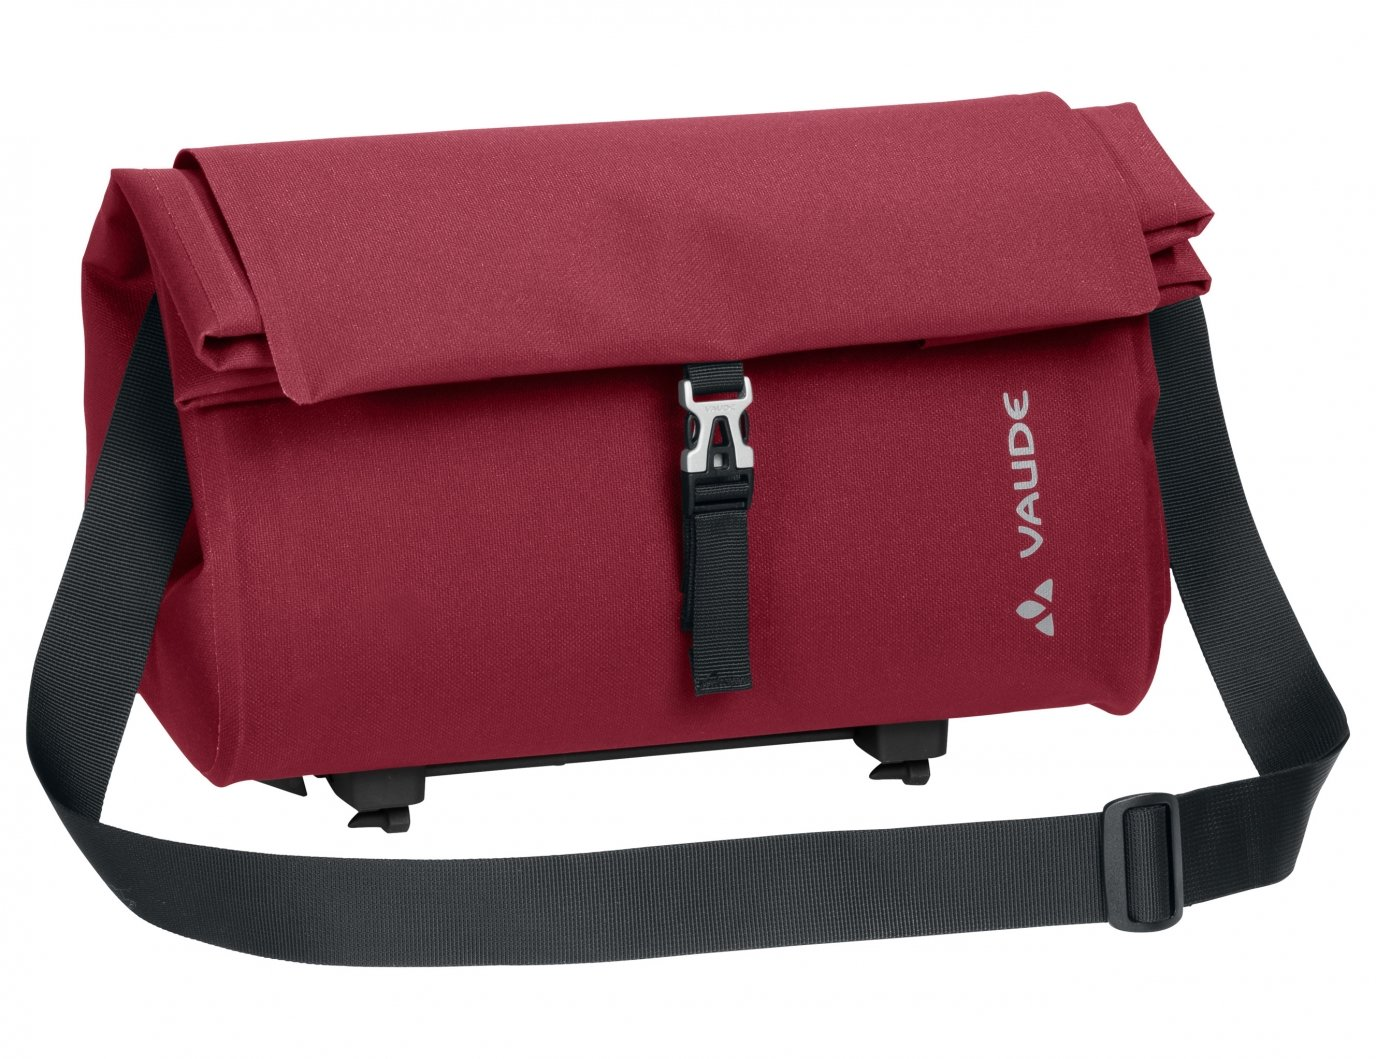 Vaude Comyou Shopper Handlebar Bag, Unisex, Comyou Shopper